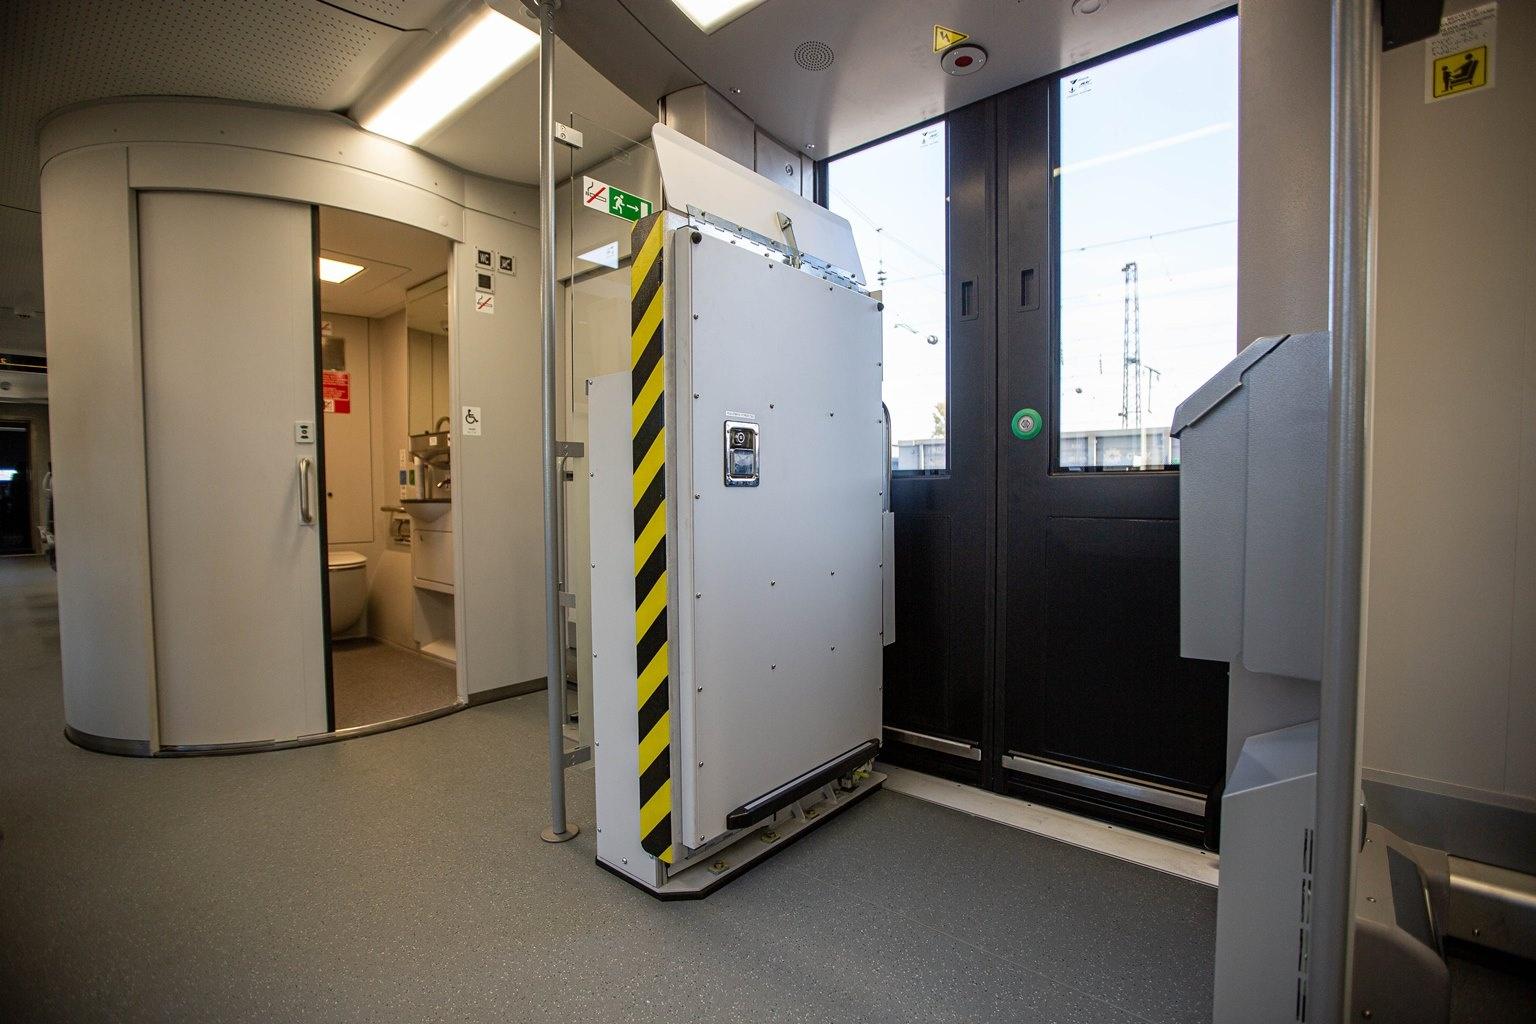 В одном из вагонов установили лифты для маломобильных пассажиров — помогать им будут и проводники